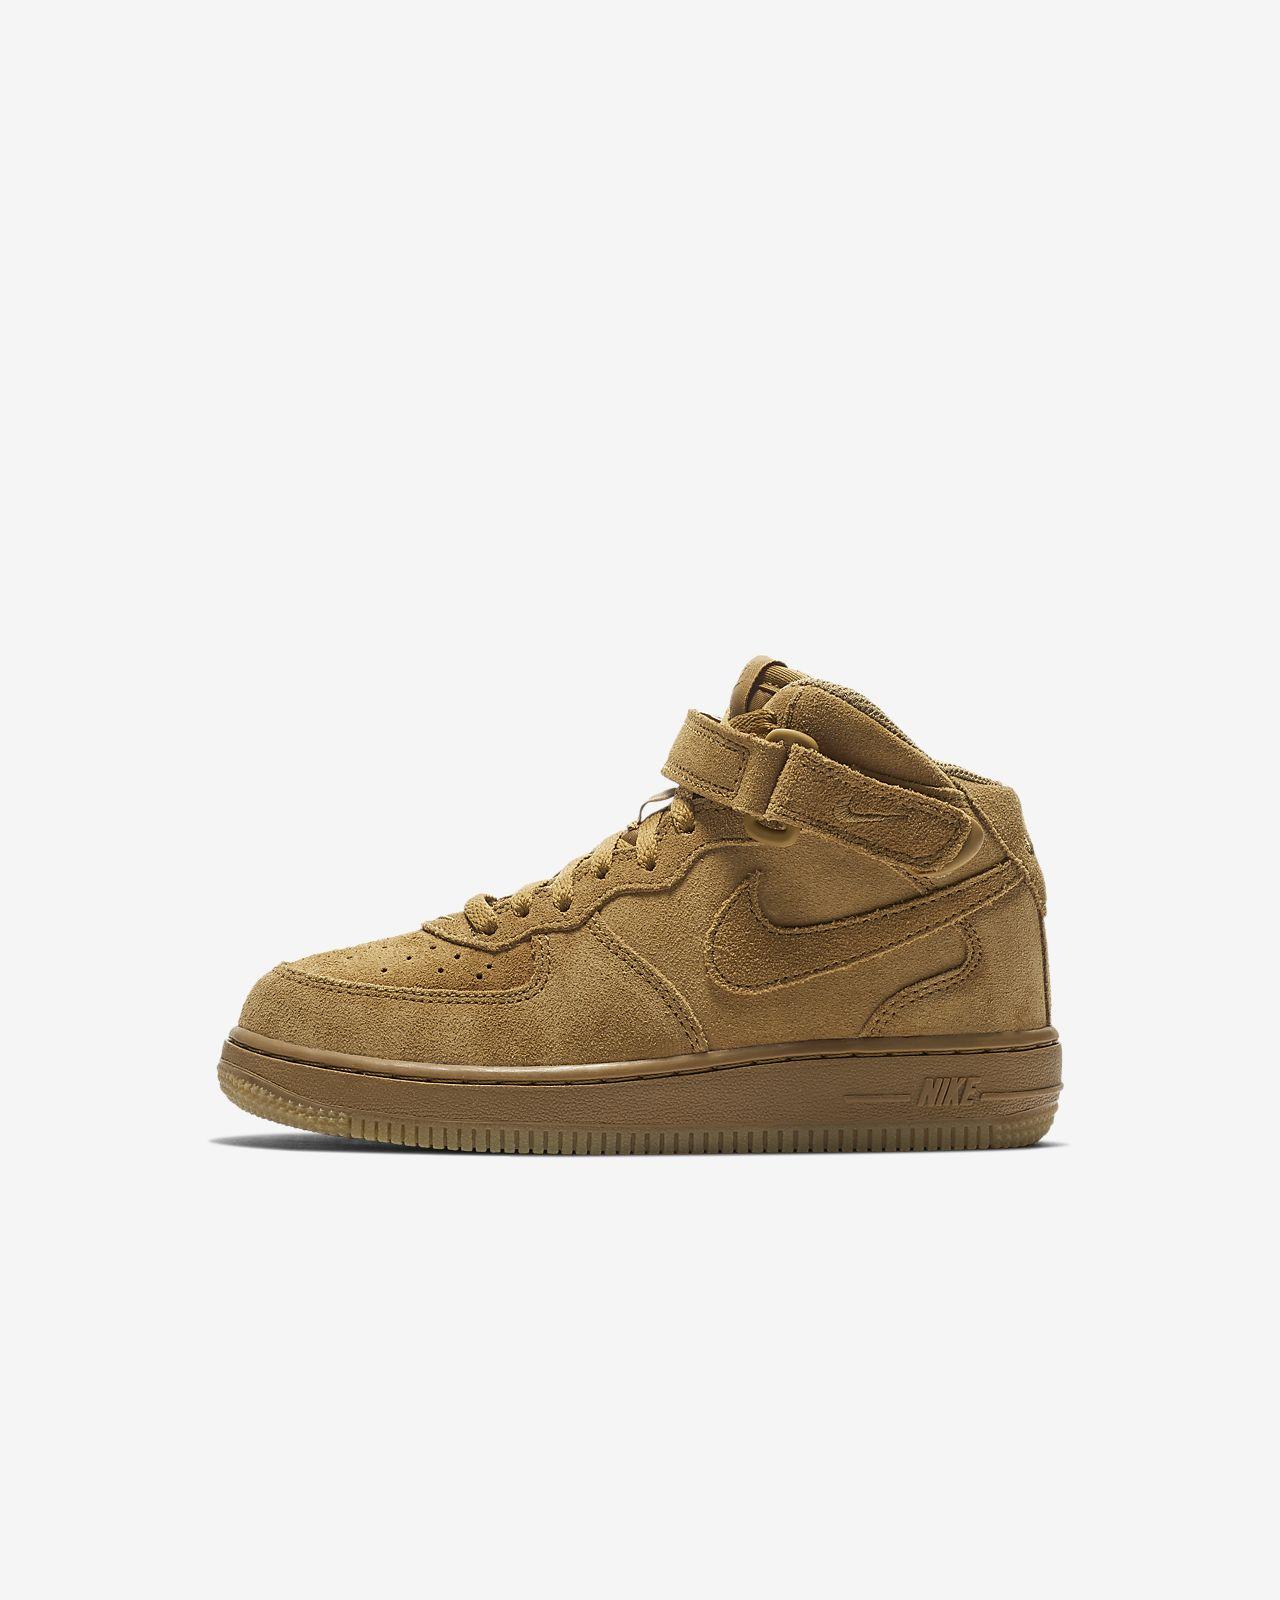 Sko Nike Air Force 1 Mid LV8 för barn